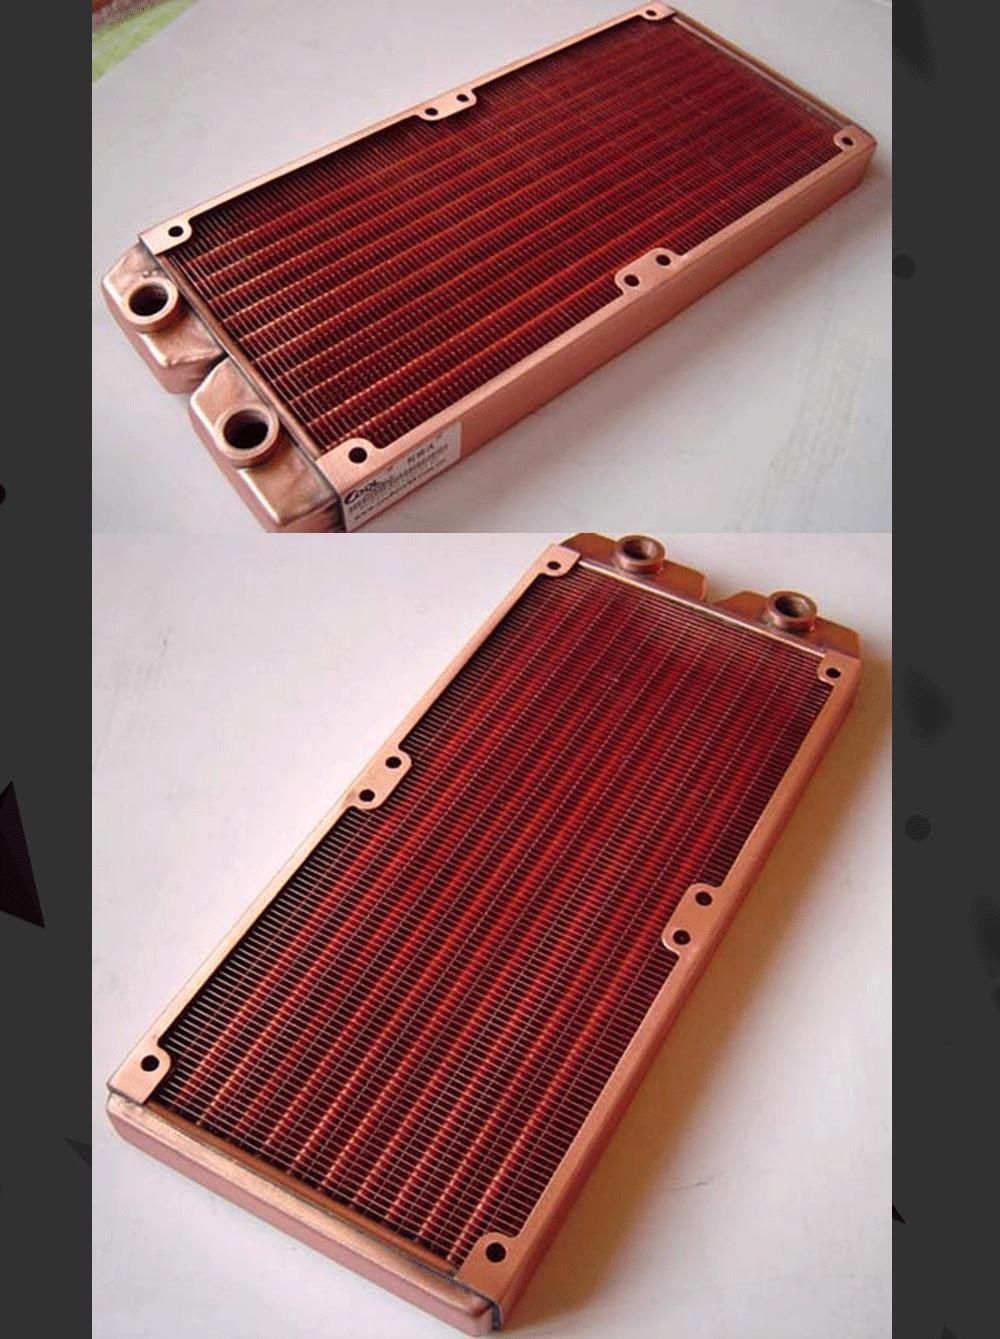 Ke Ruiwo Катюша серии 240 мм полностью красный медный радиатор водяного охлаждения подходит для вентиляторов 120 мм